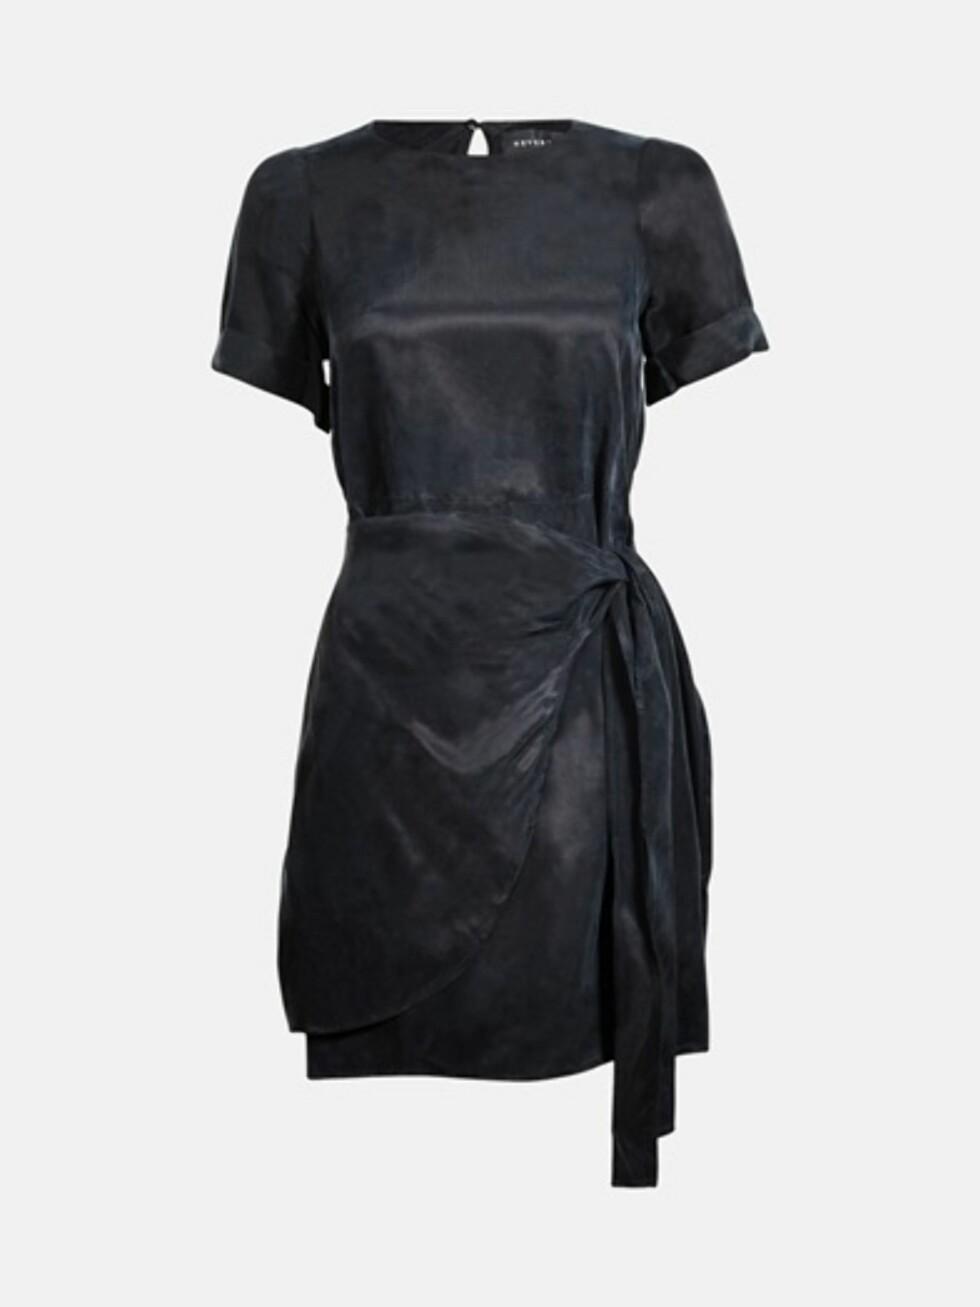 Kjole fra Bik Bok, kr 599. Foto: Produsenten